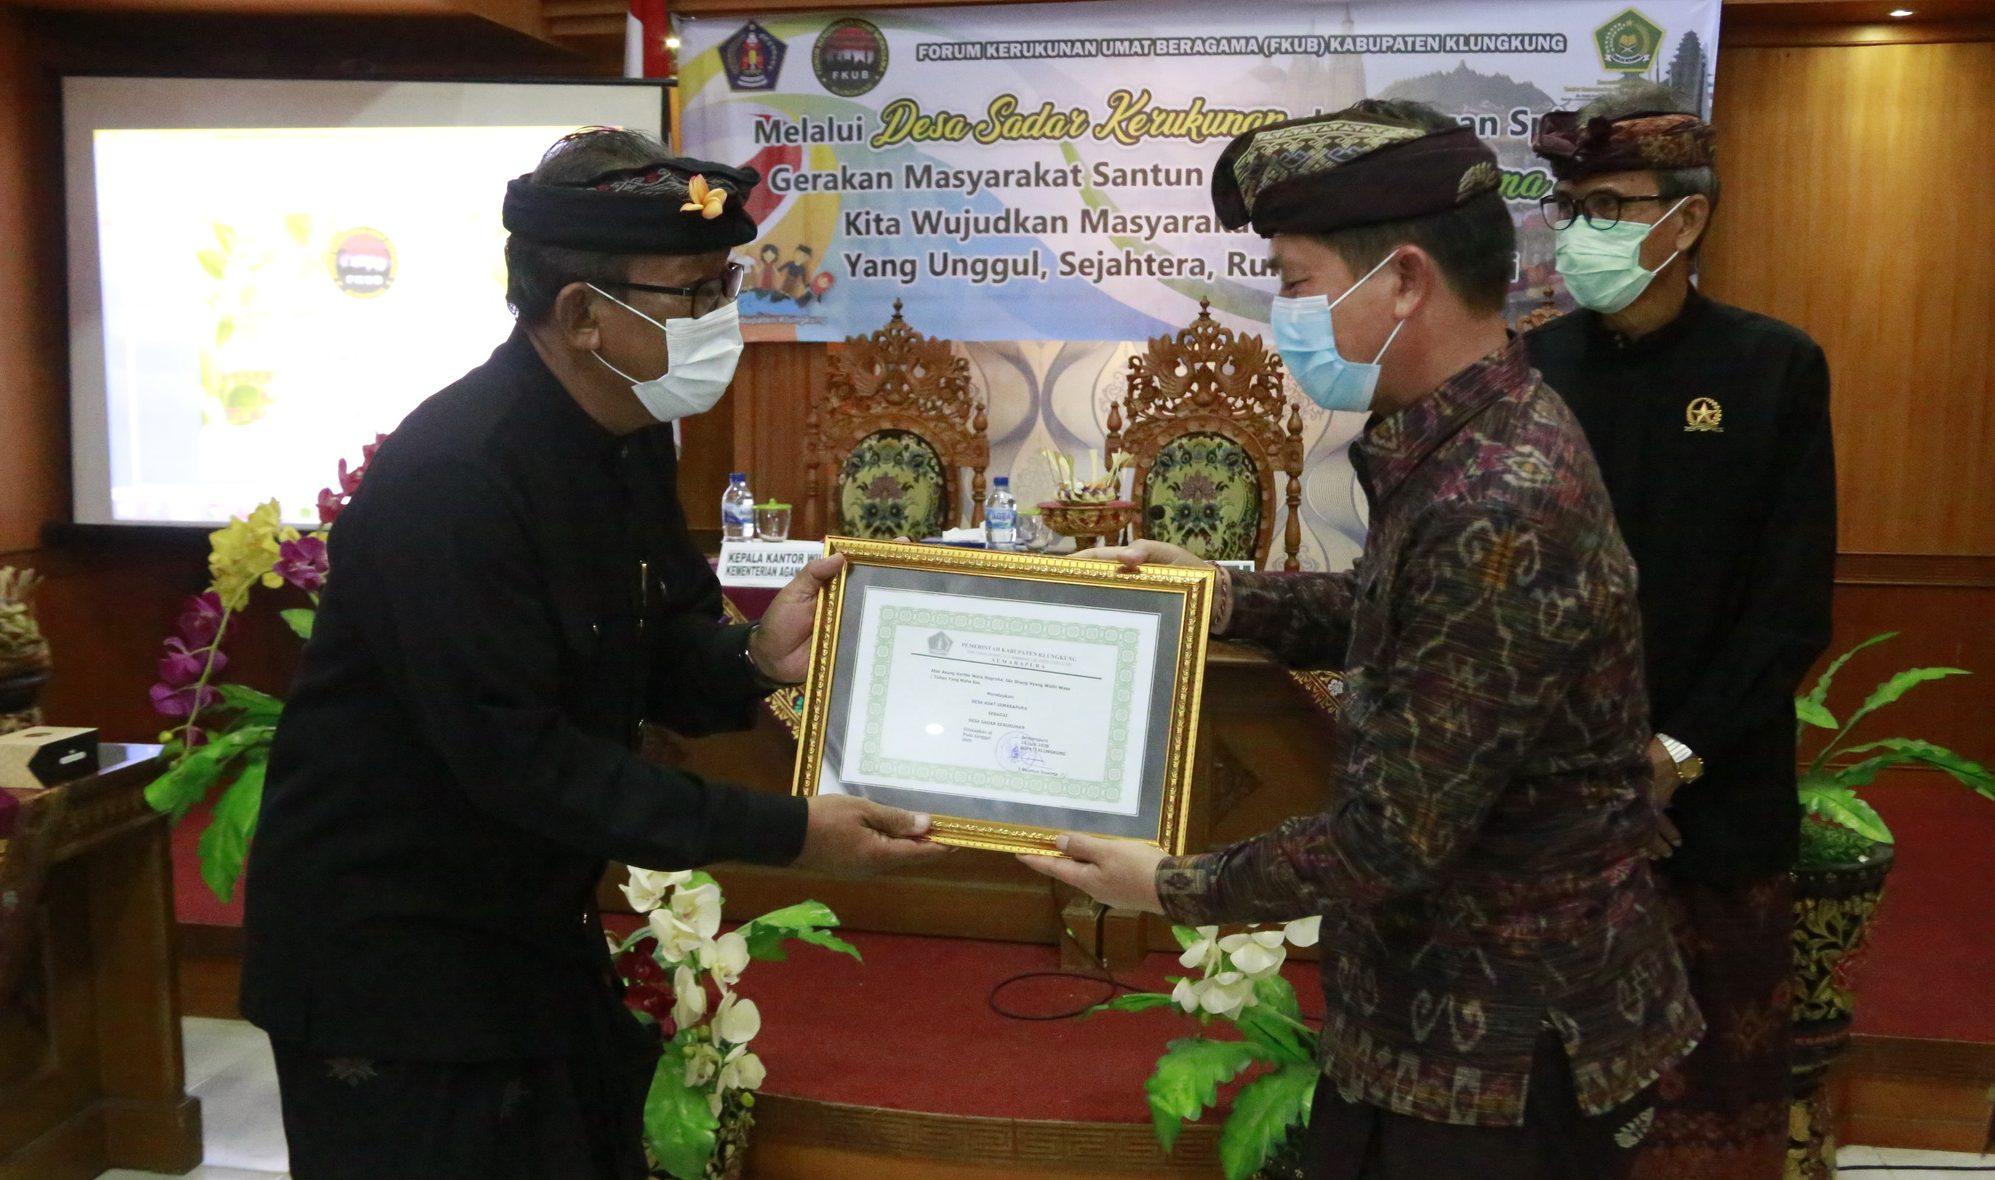 BUPATI Klungkung, I Nyoman Suwirta, menghadiri workshop Desa Sadar Kerukunan Tahun 2020 di aula kantor Kementerian Agama Klungkung, Rabu (7/10/2020). Foto: ist